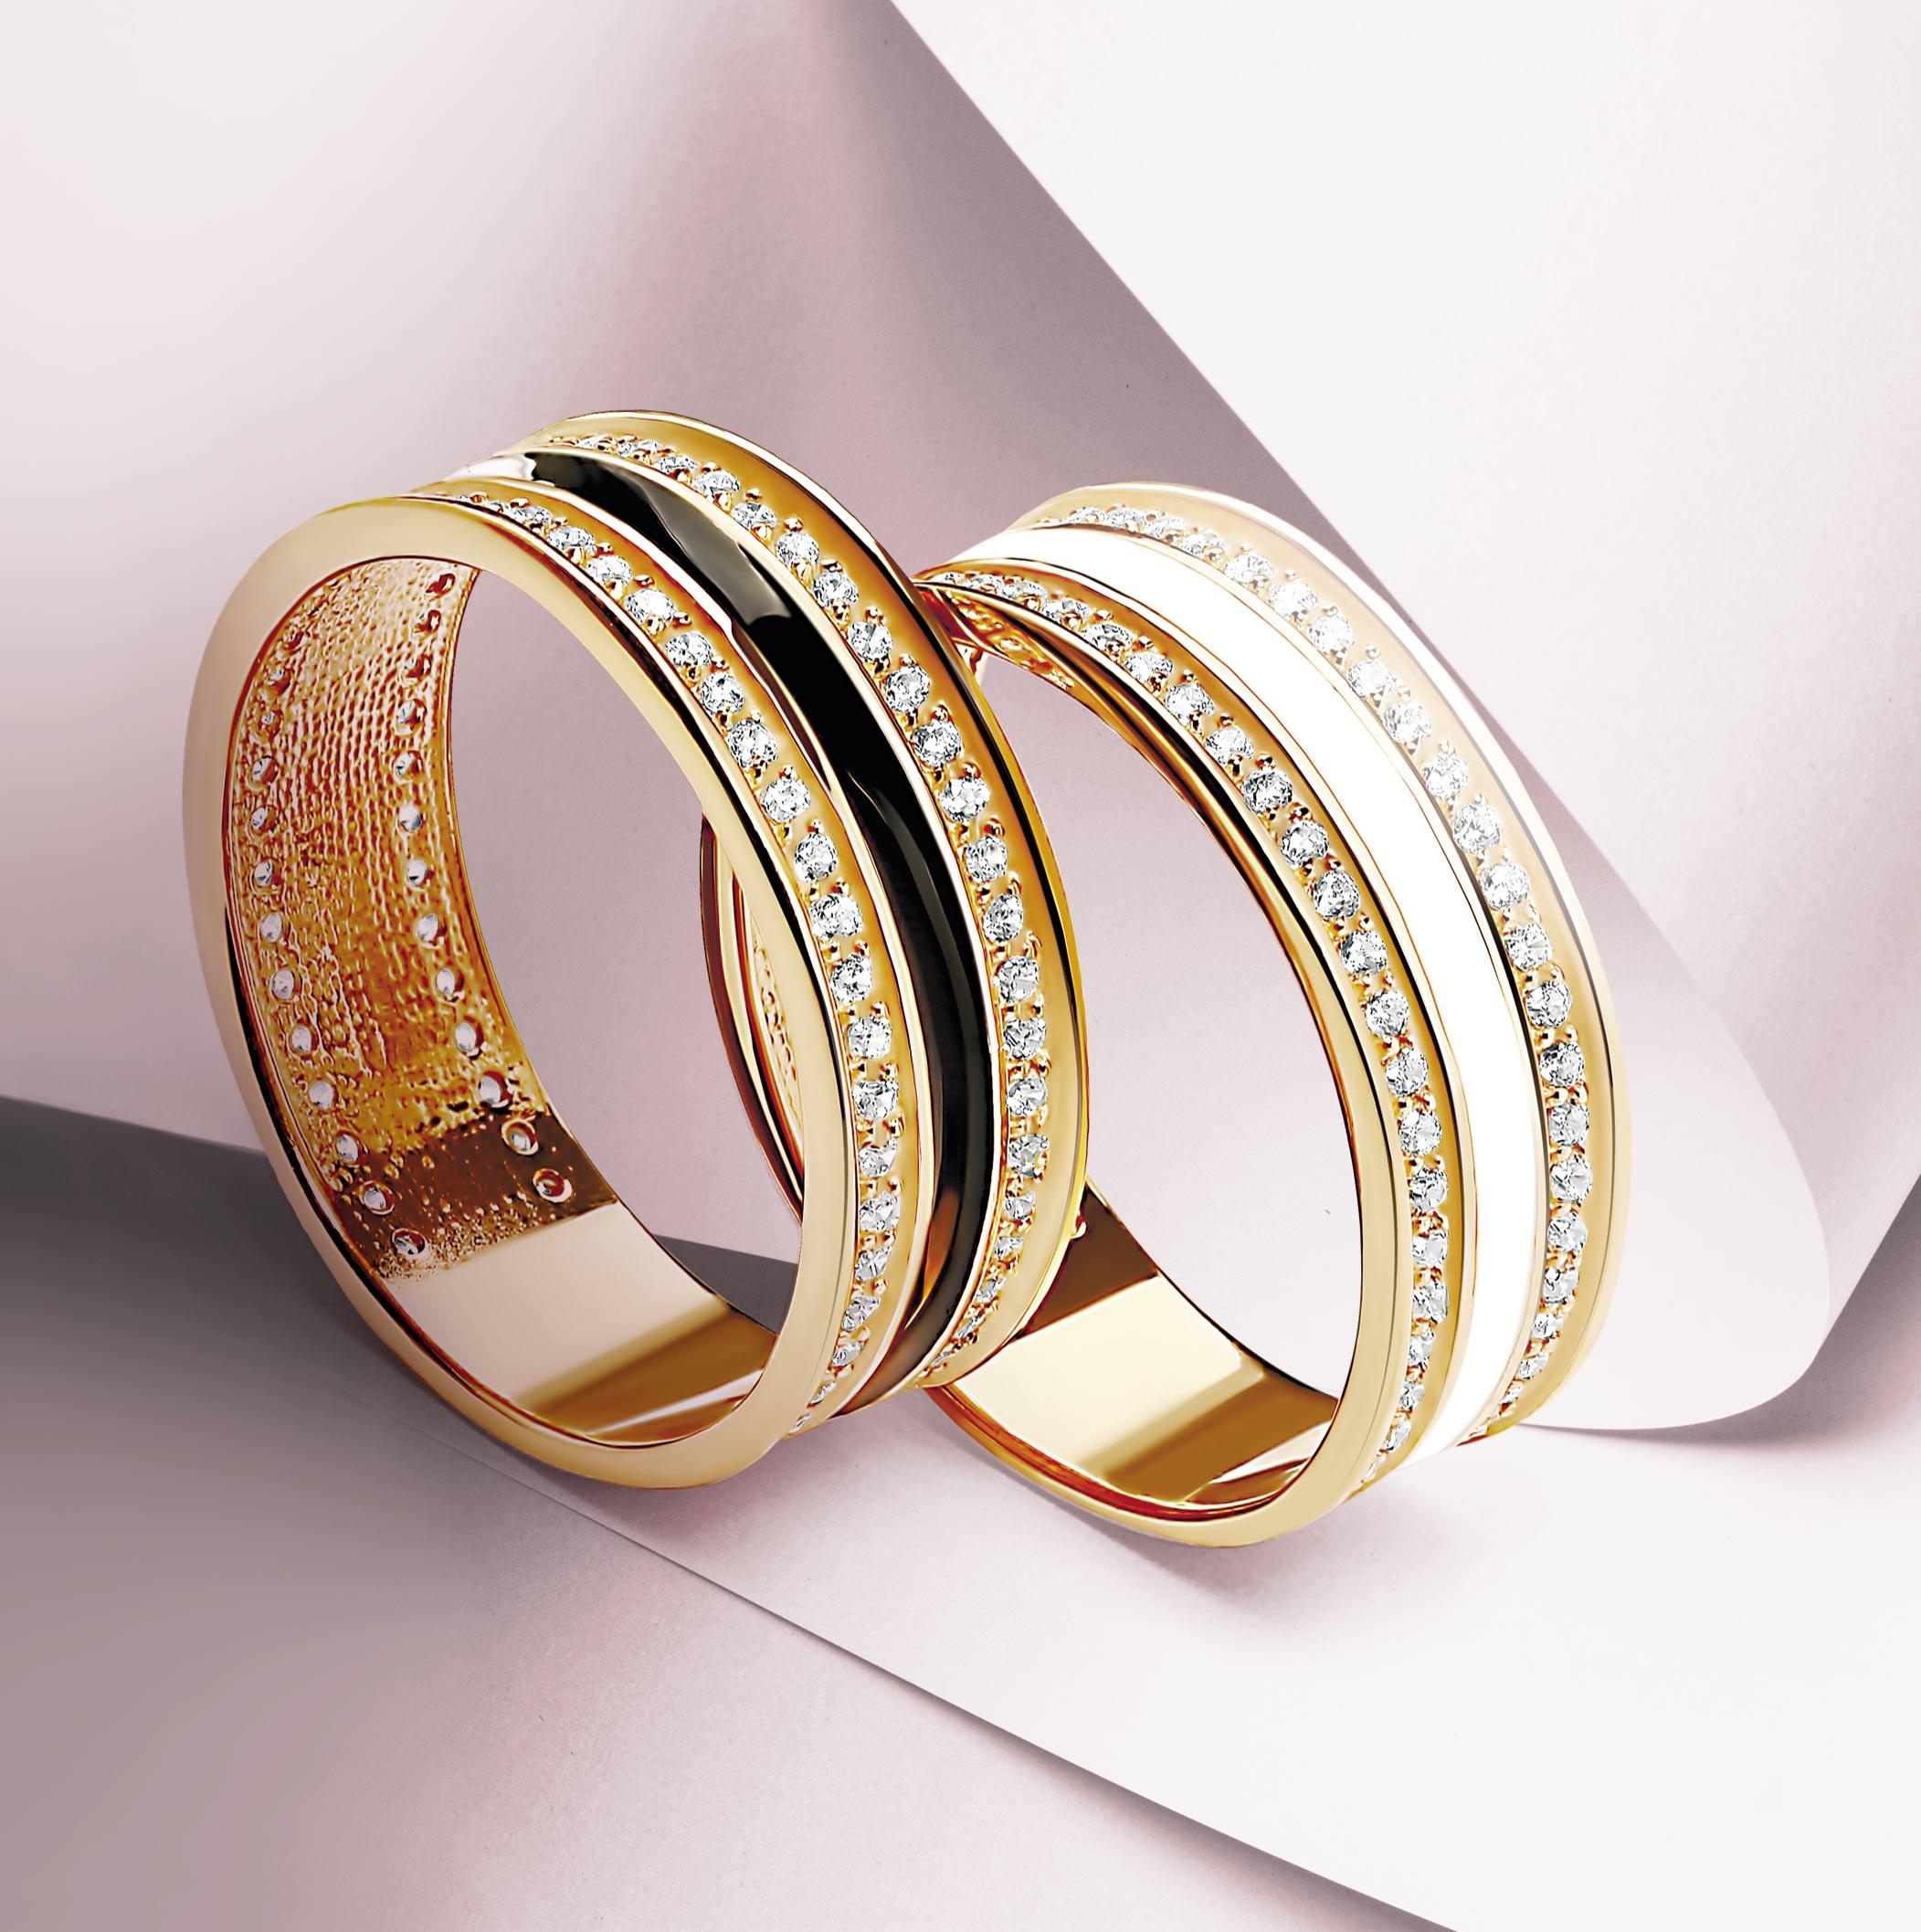 4d7d170d25a0 Три важнейшие детали безупречной свадьбы по версии «Красносельского  ювелирпрома»  обручальные кольца, восхитительные украшения жениха и  невесты, ...